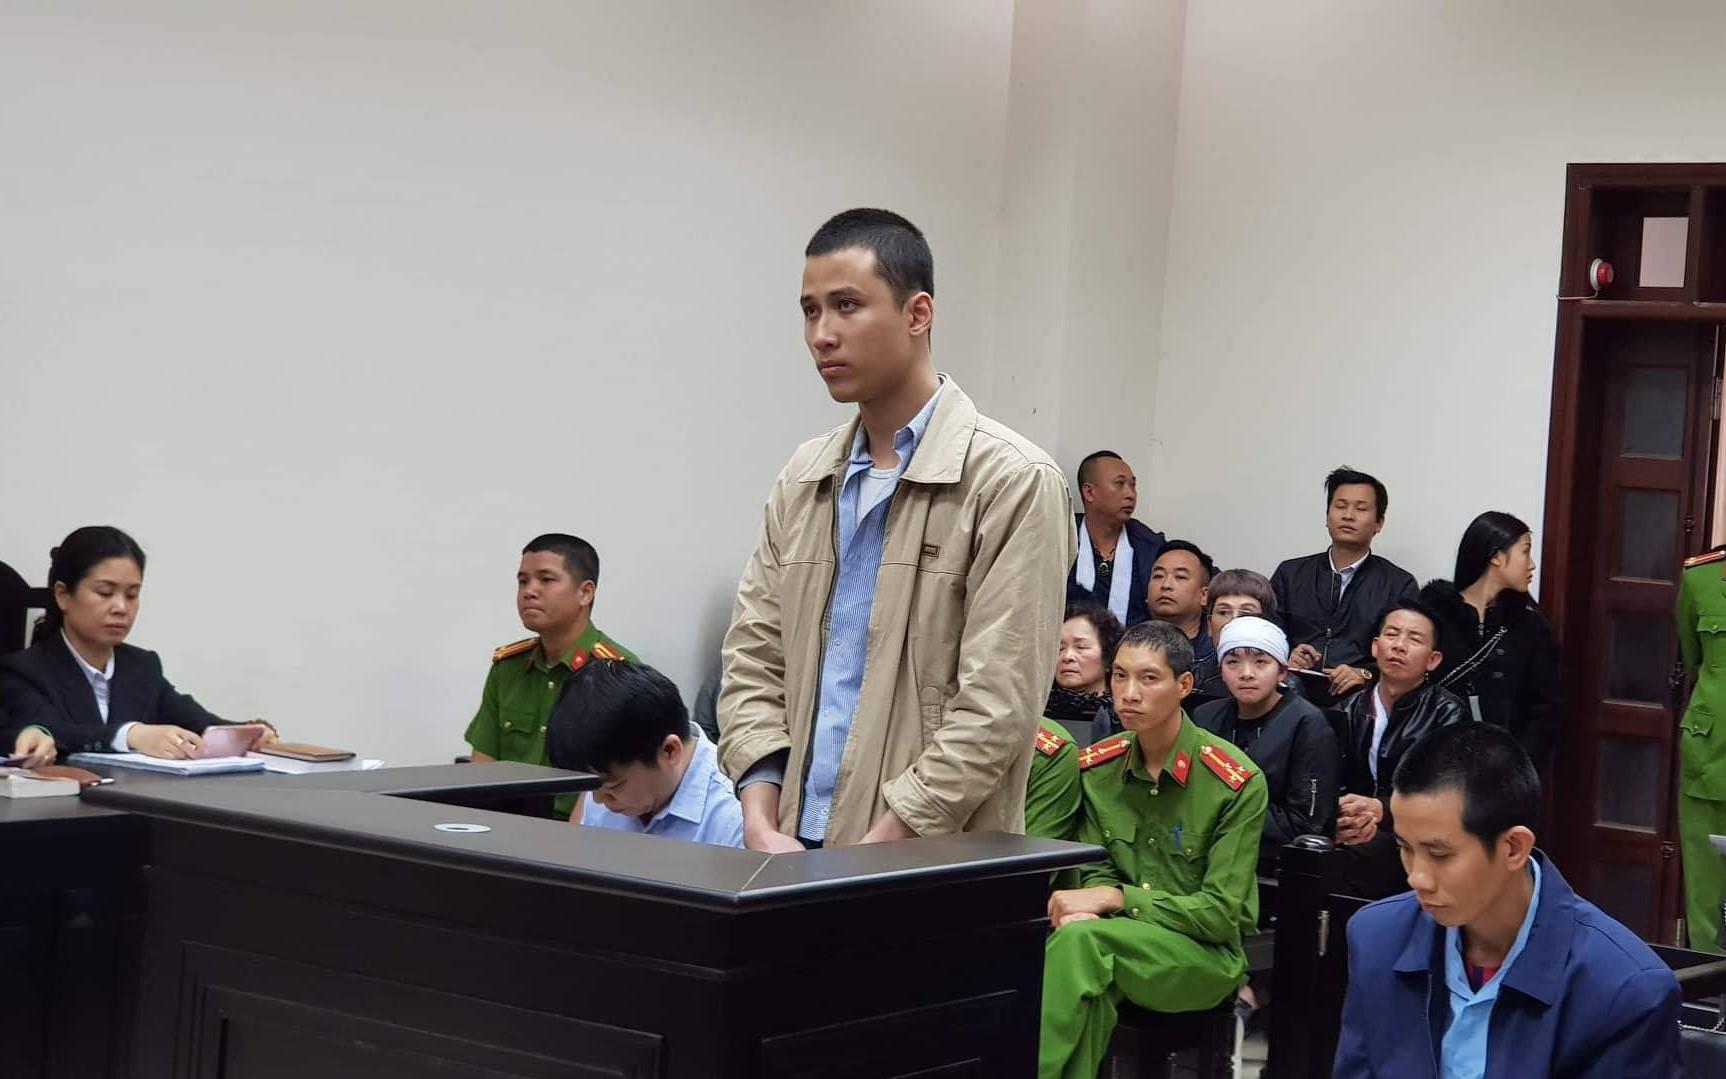 Hà Nội: Nam sinh sát hại người tình ở chung cư cao cấp chấp nhận án tử hình